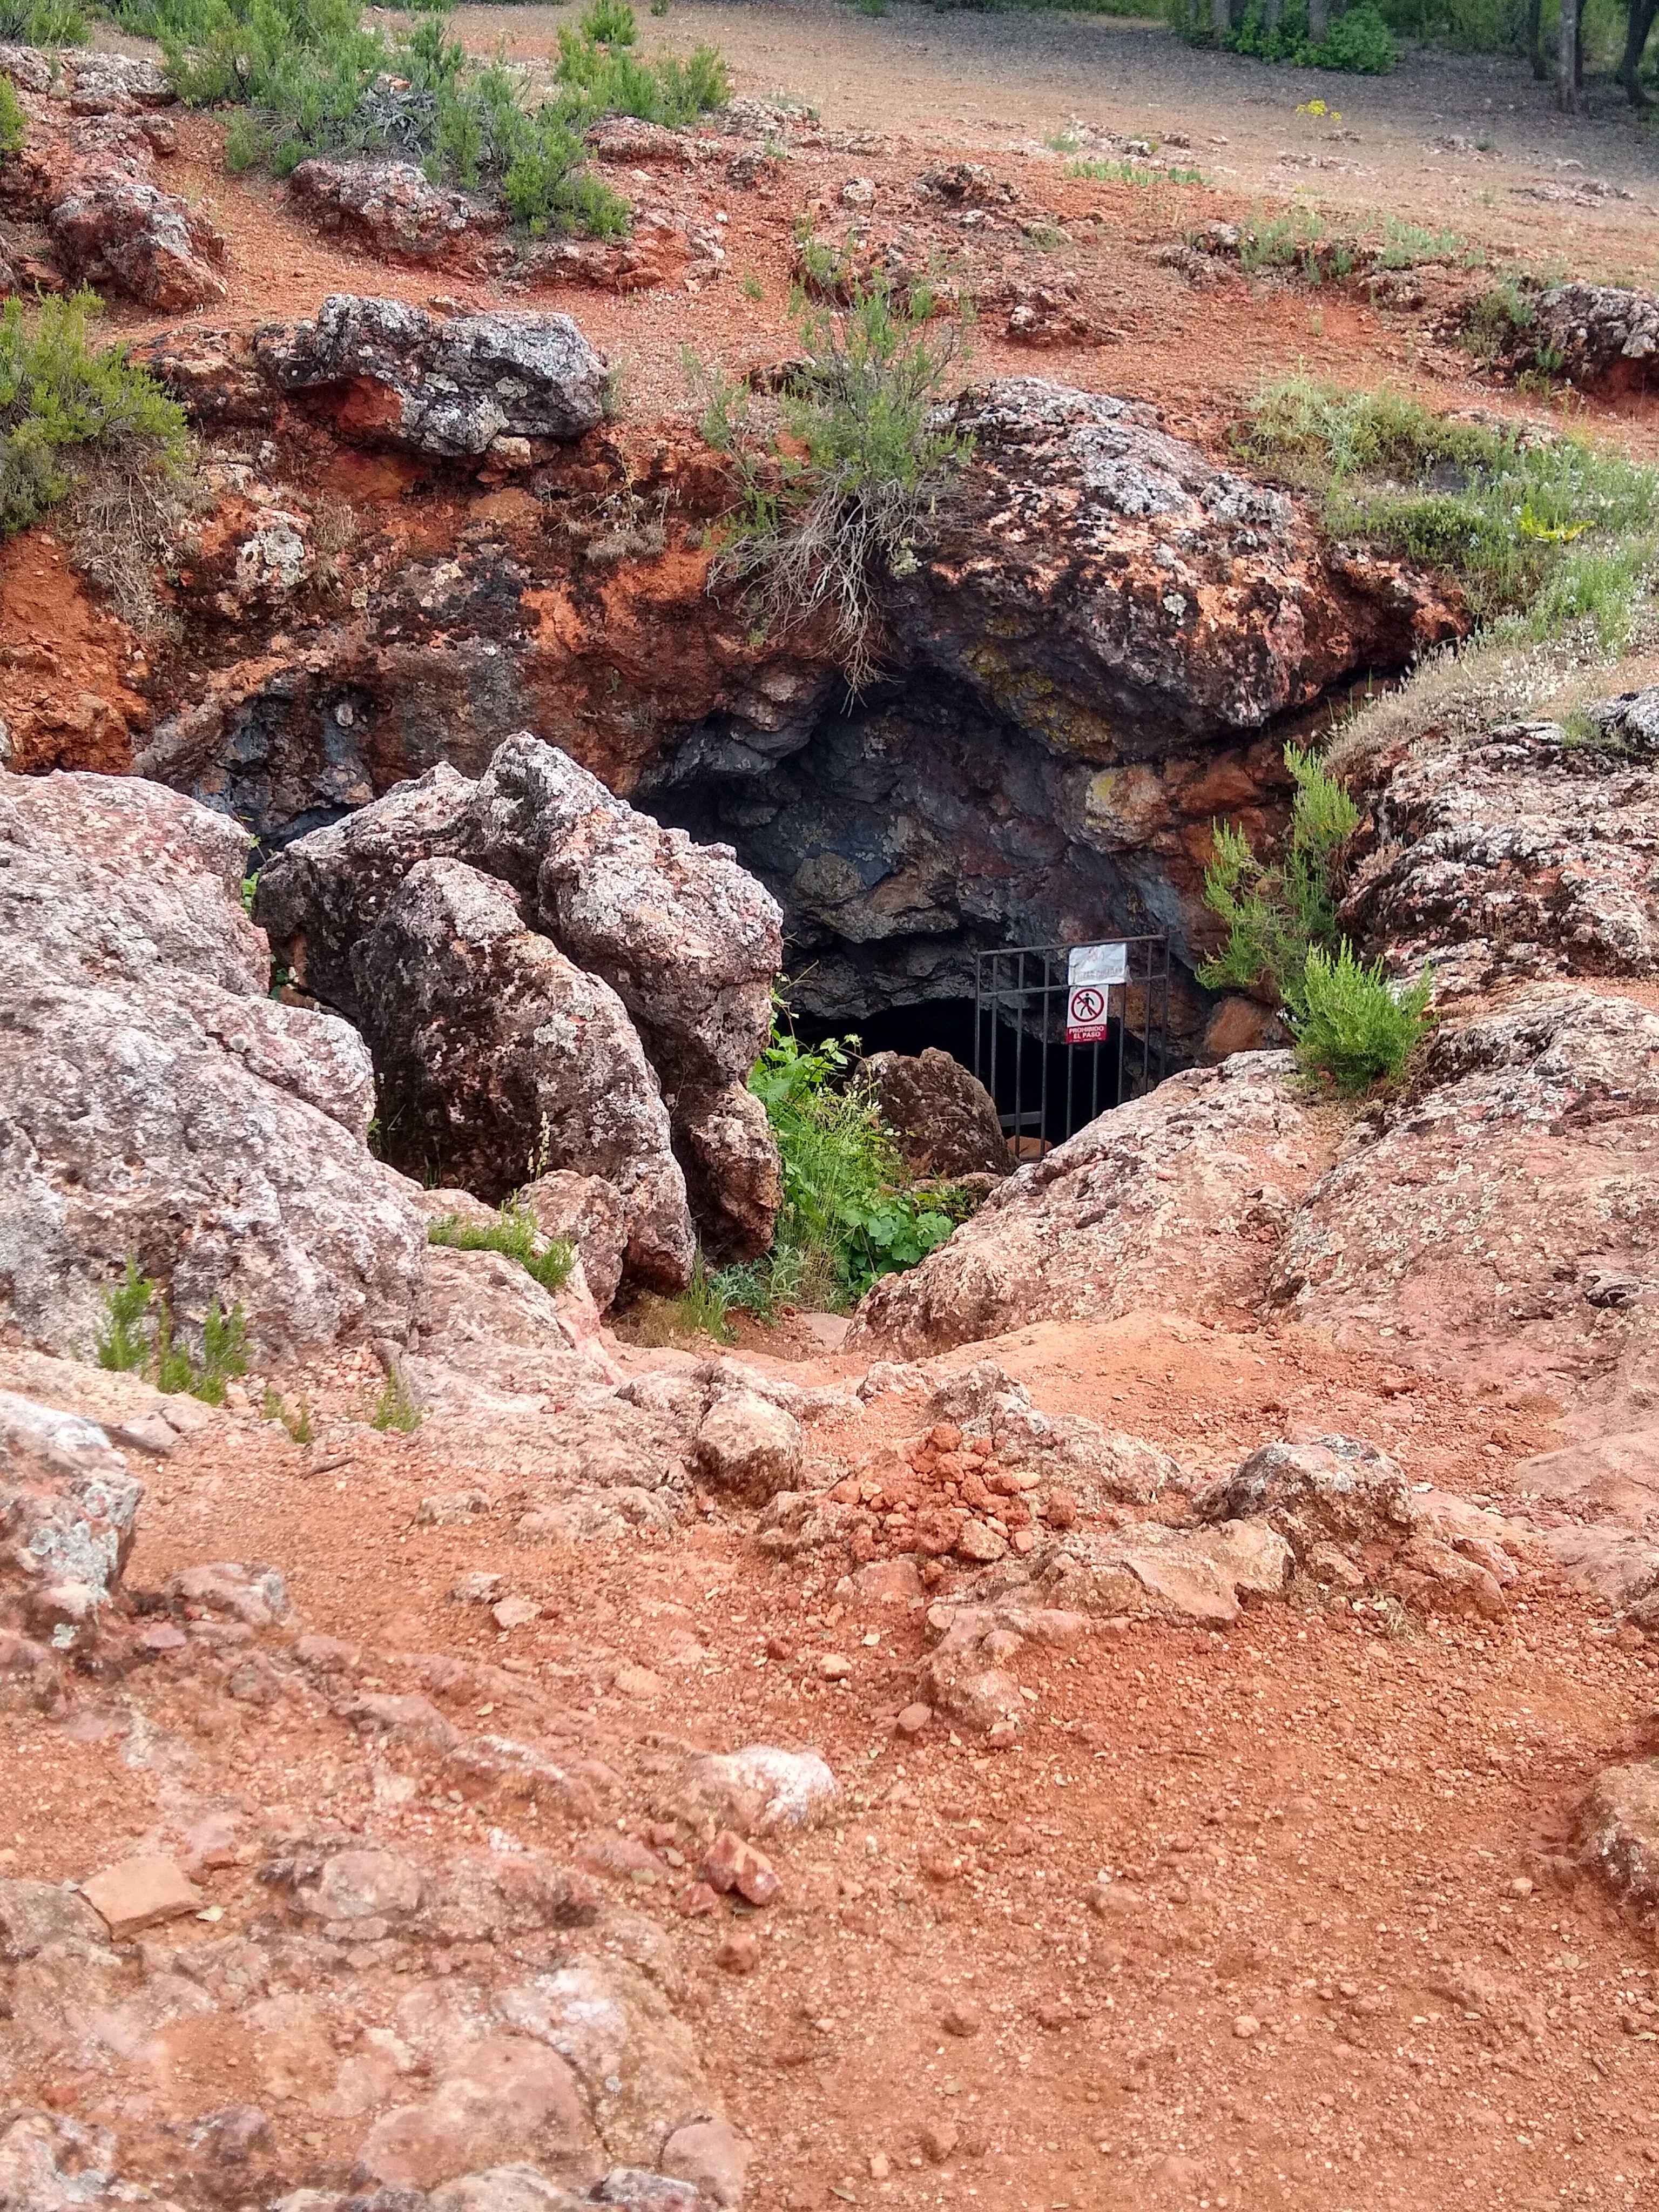 Una sima oscura se abre en mitad de una zona de tierras rojas. Estamos ante la cueva de Montesinos